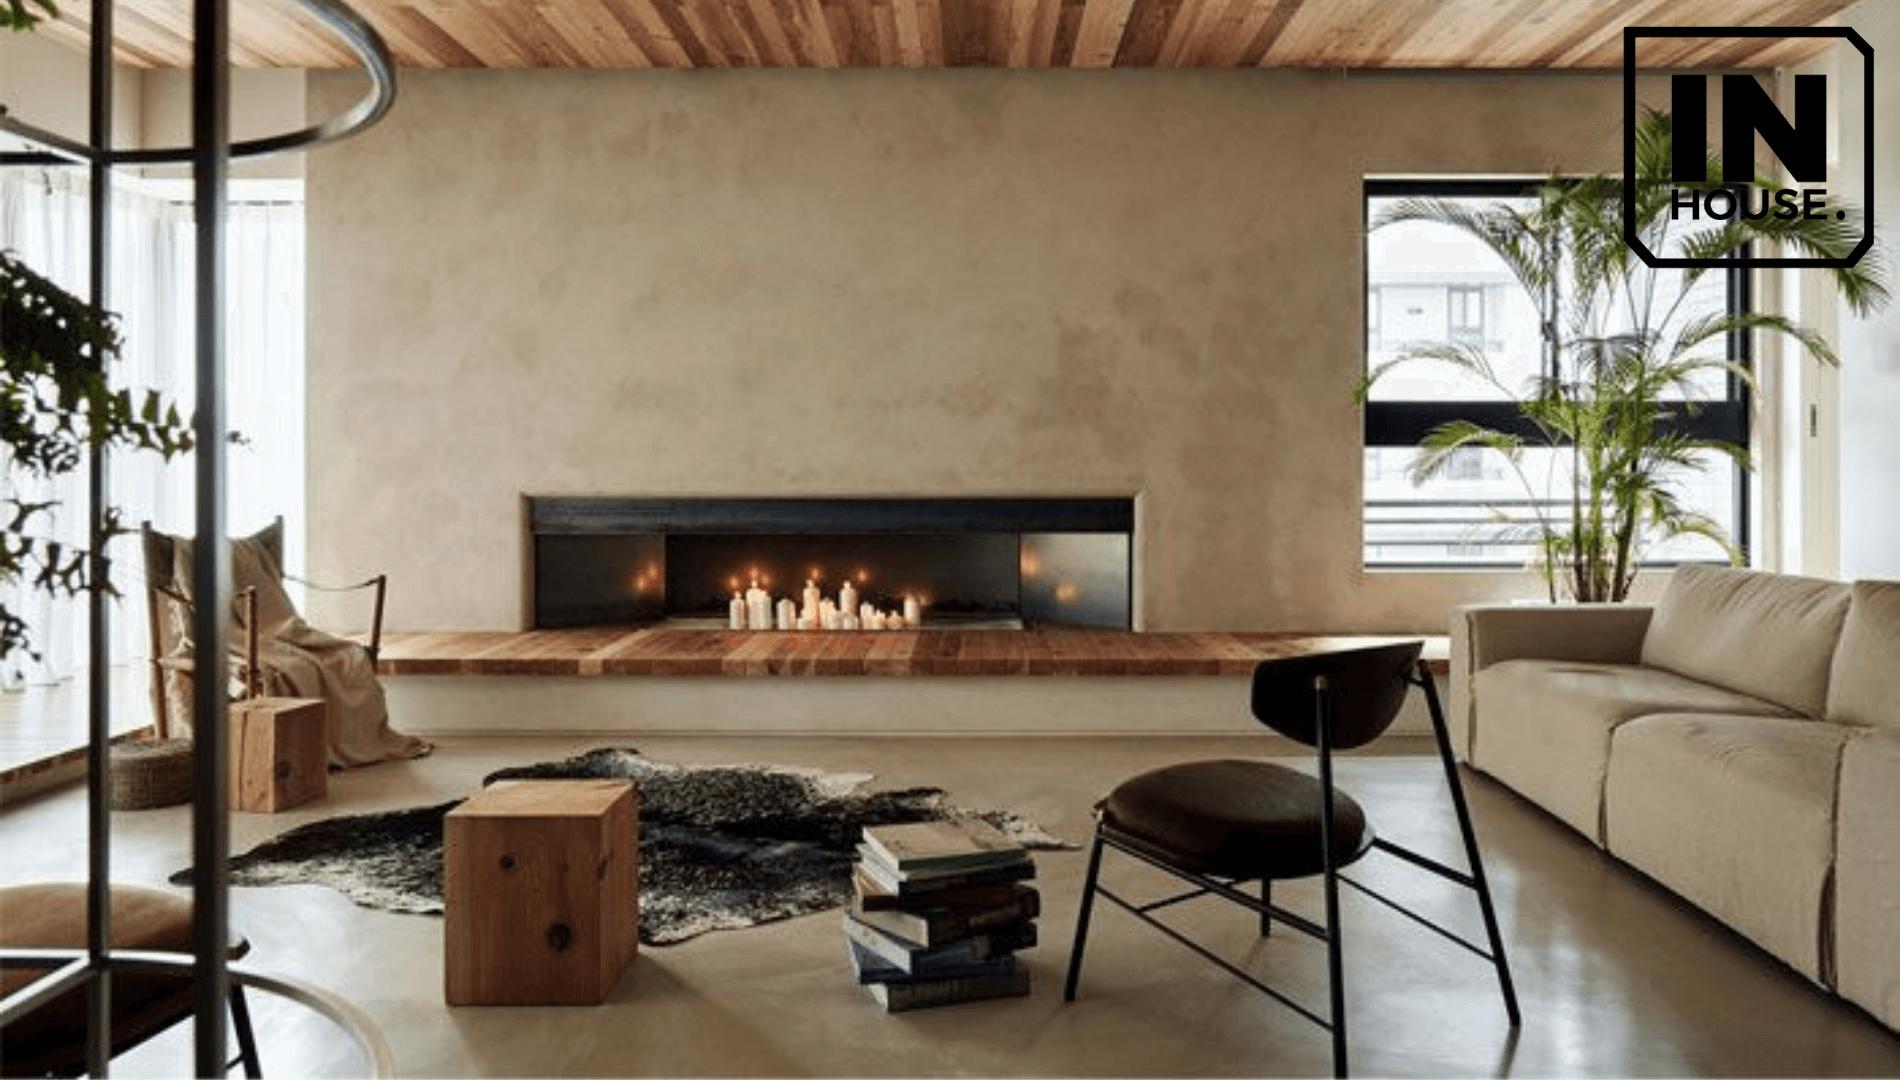 Tô điểm cho không gian ngôi nhà bạn nét hoang dã